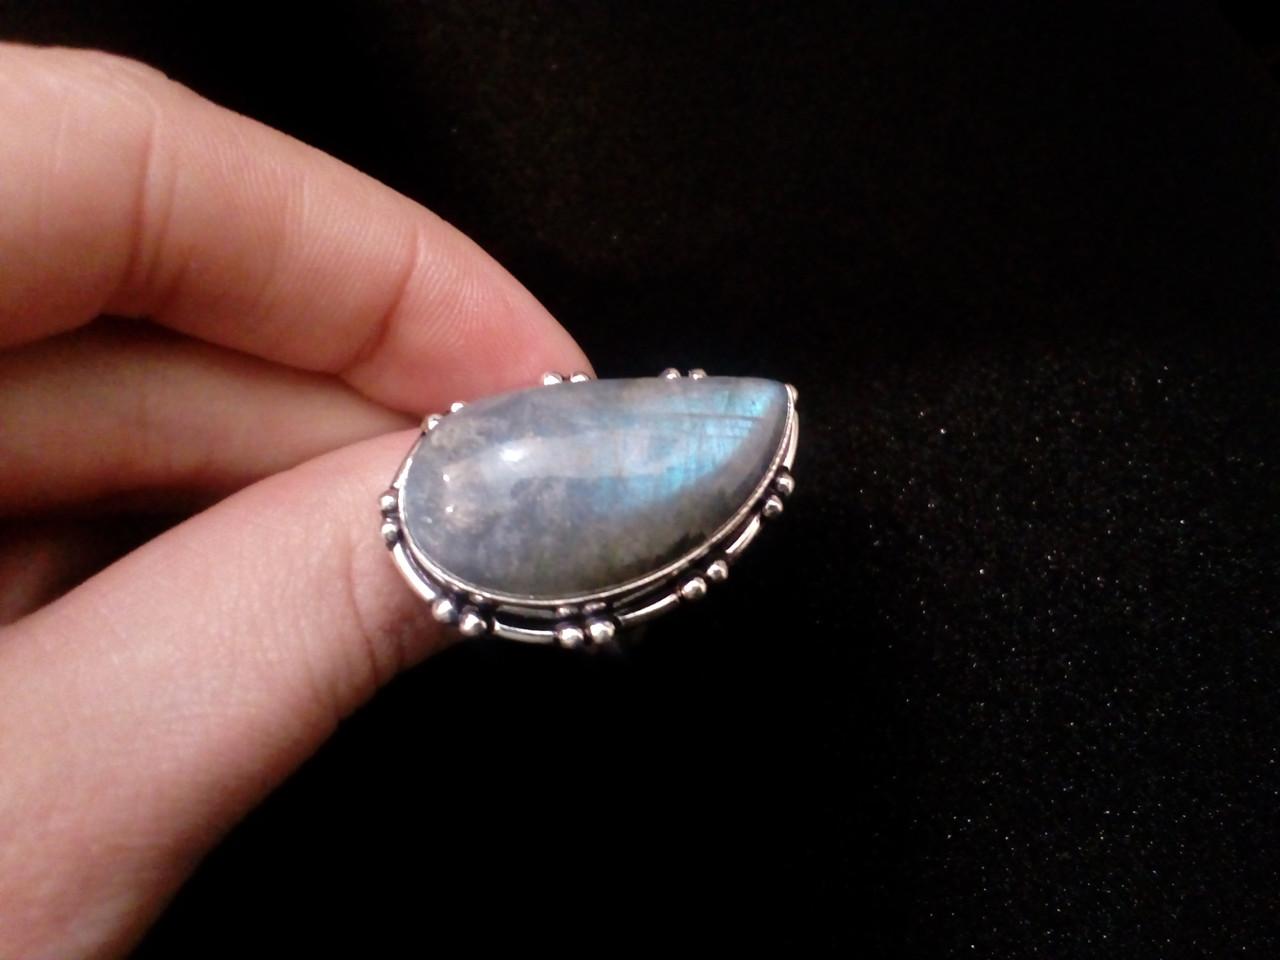 Красивое кольцо с натуральным камнем лабрадор в серебре. Кольцо с лабрадором 17,5 размер Индия